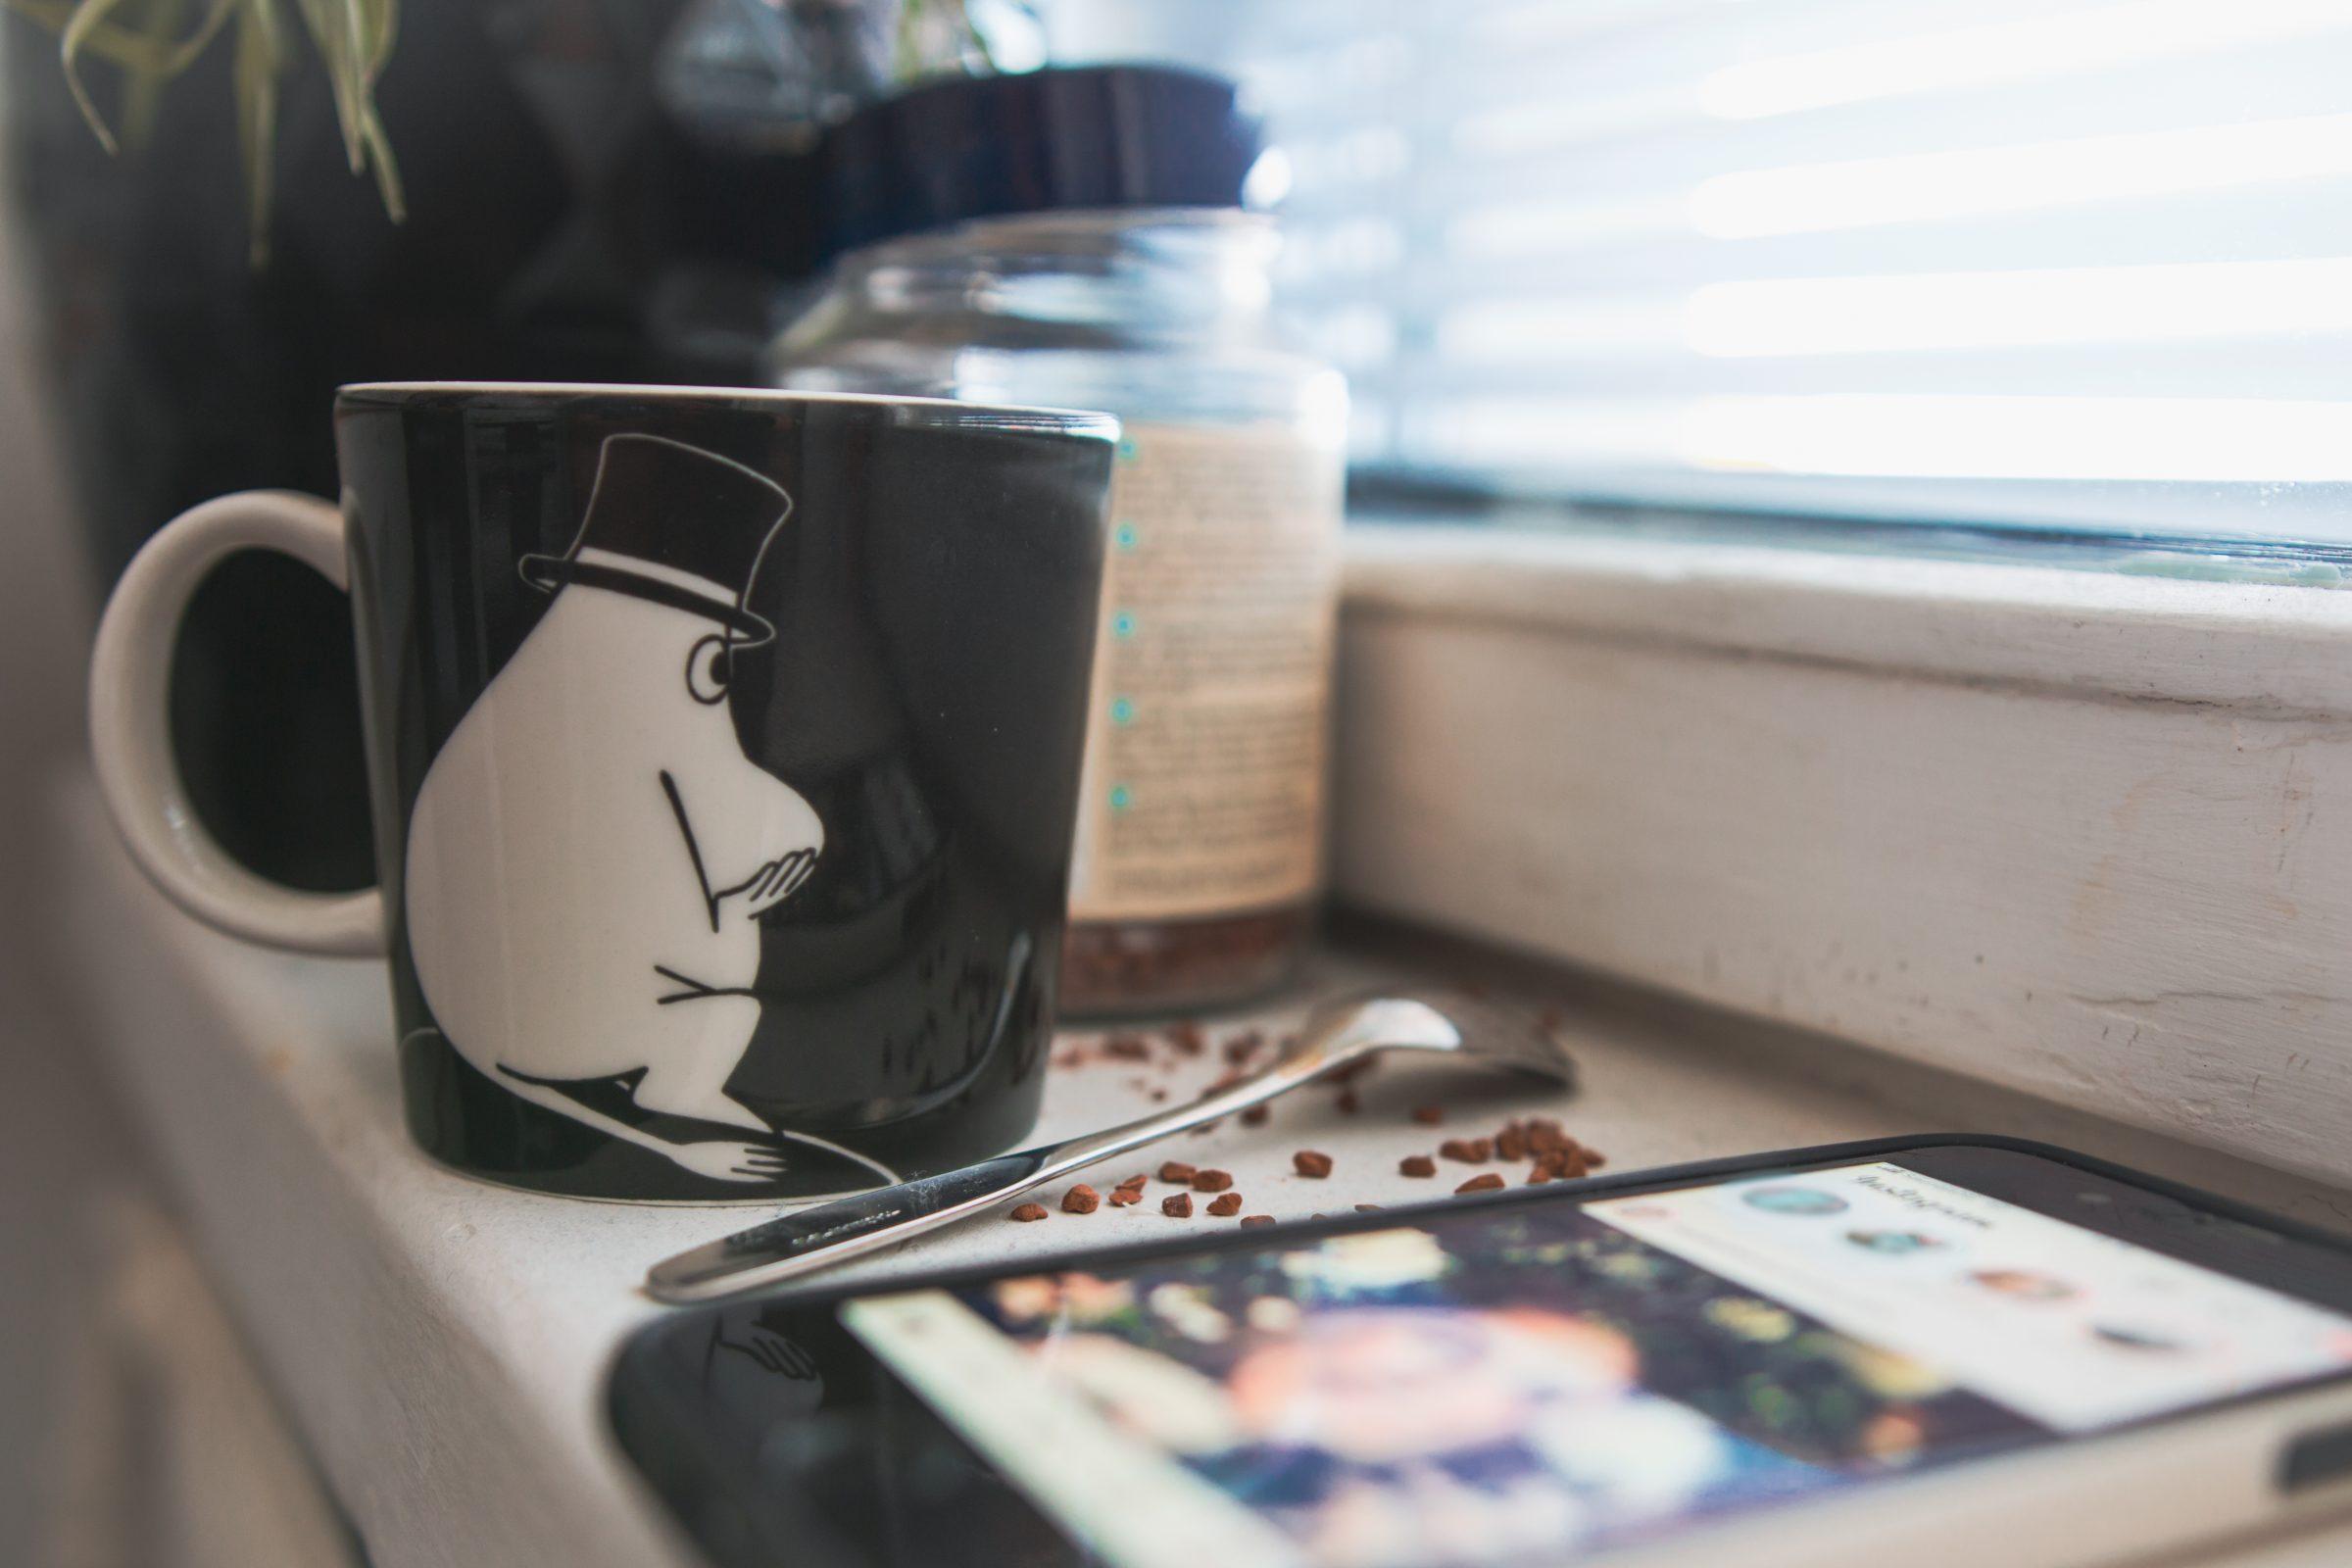 En kaffemugg bredvid en telefon på en köksyta.